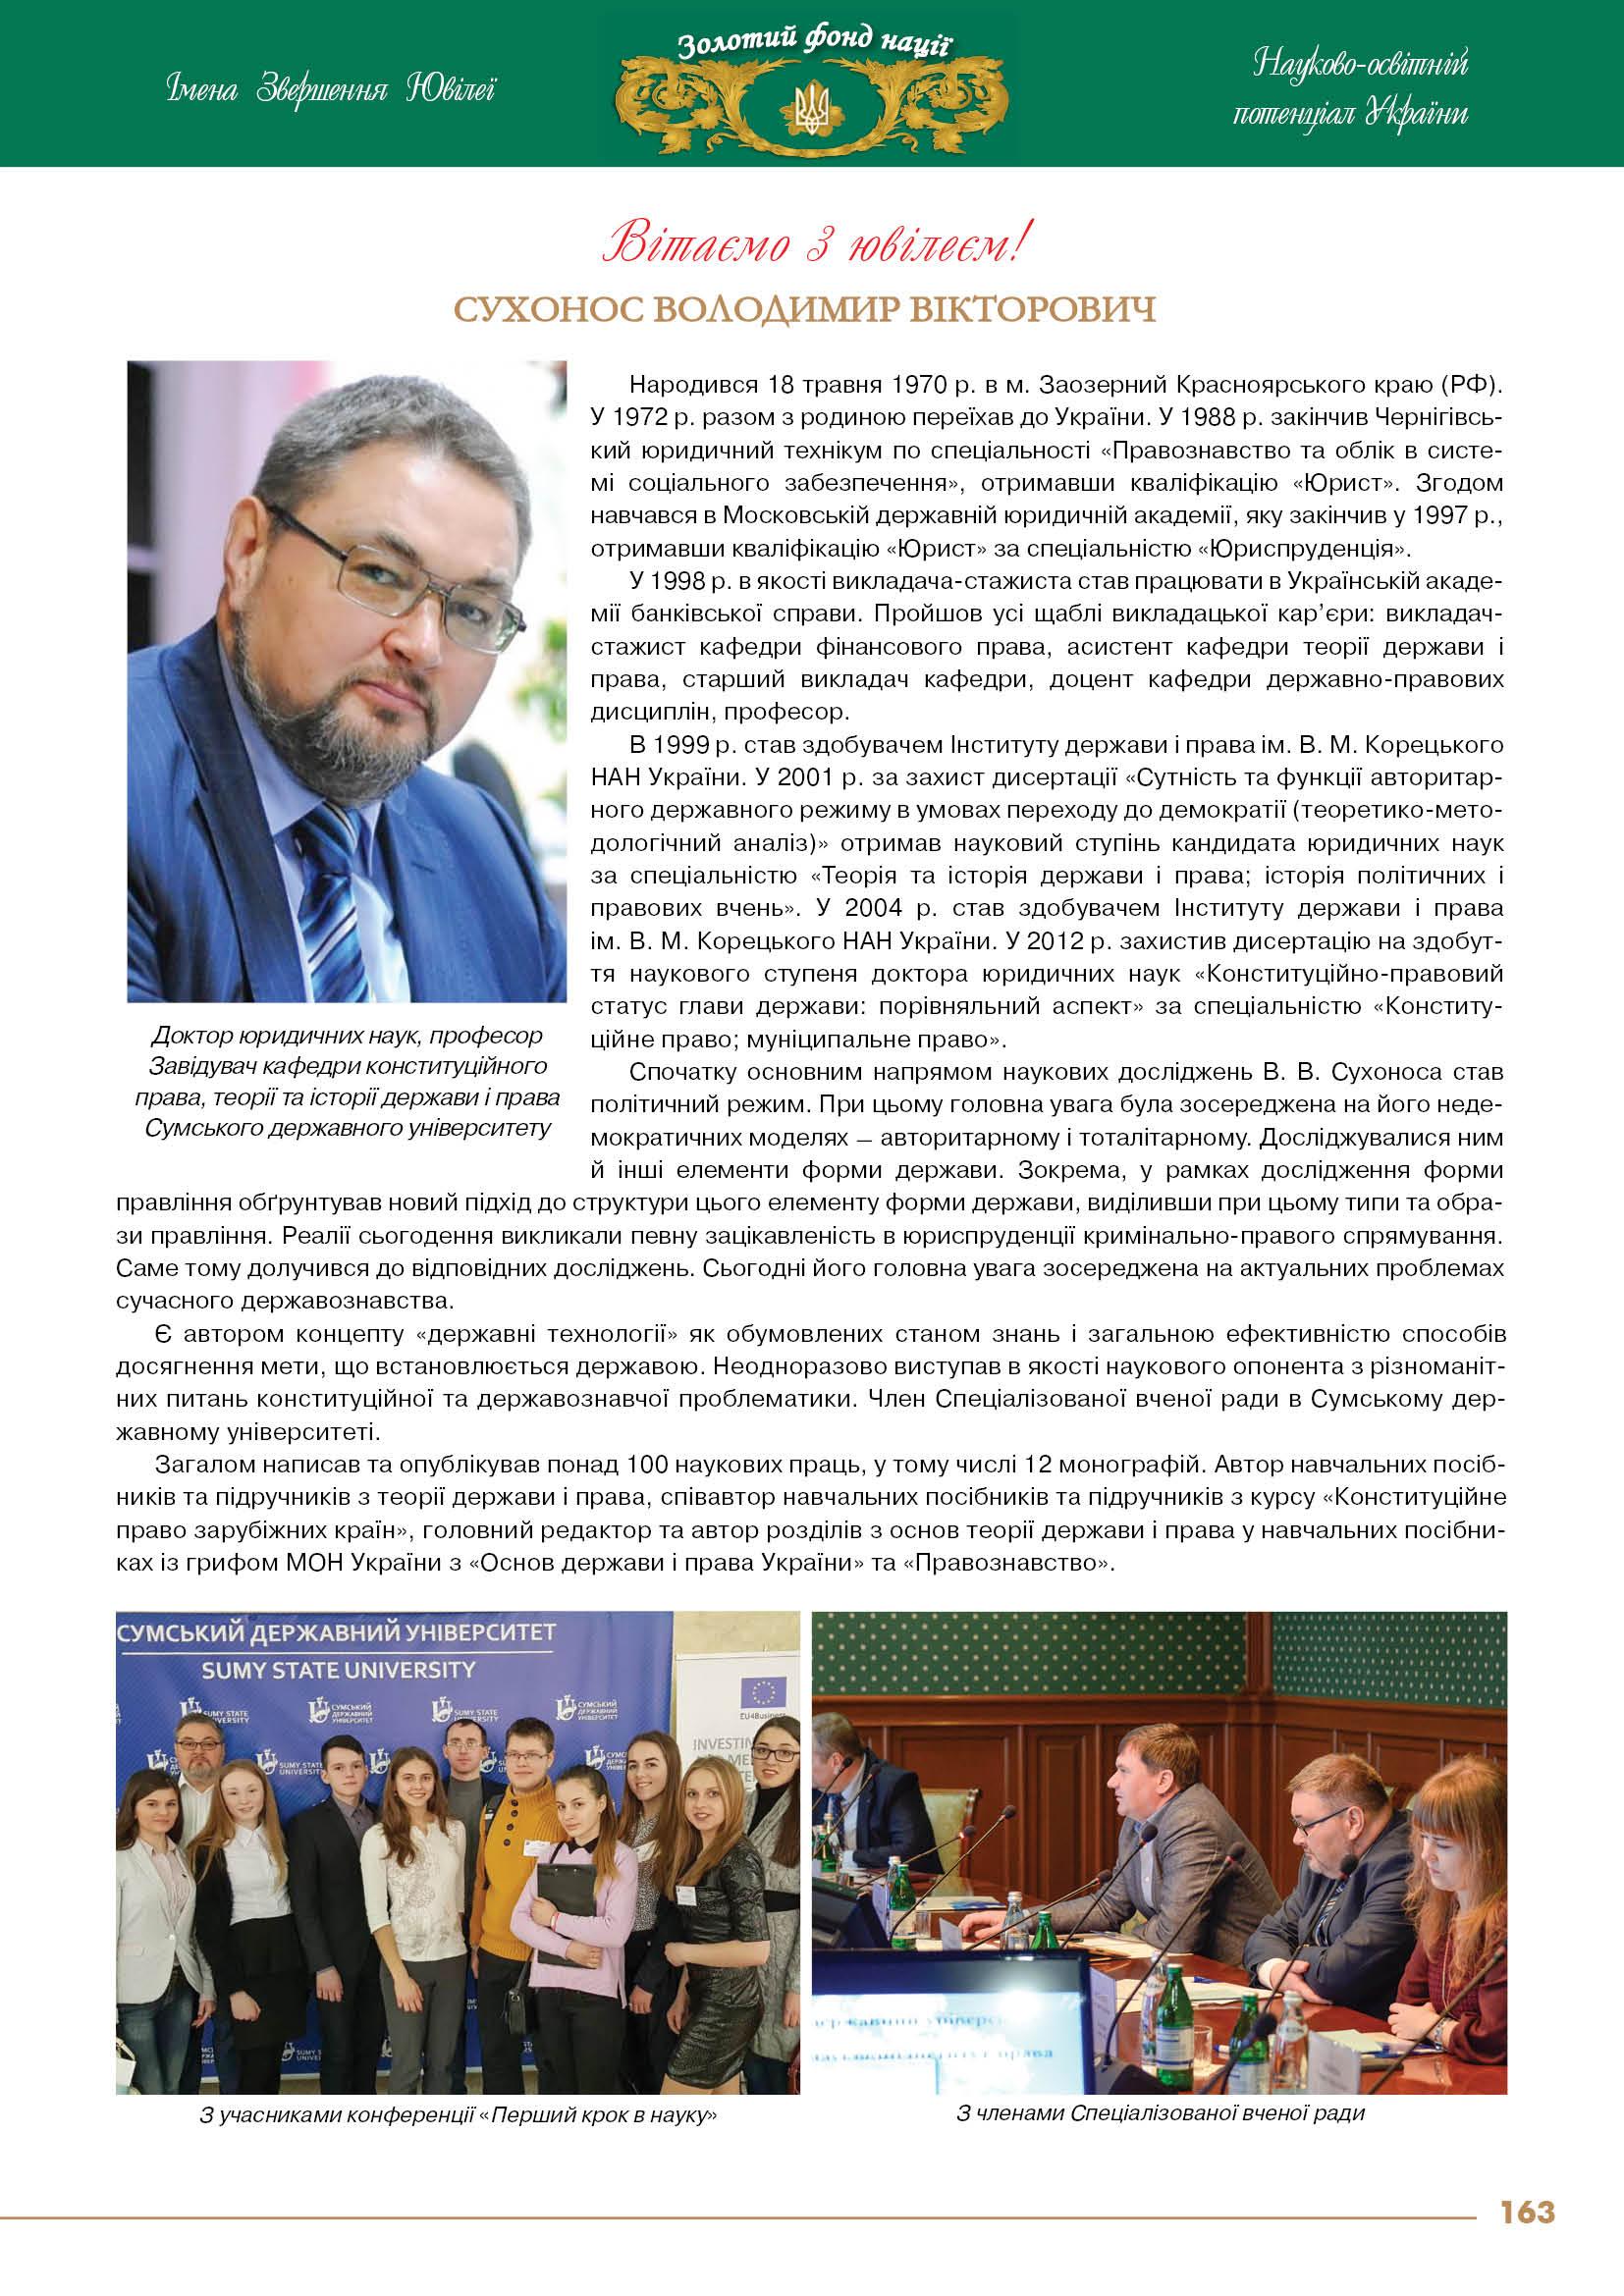 Сухонос Володимир Вікторович